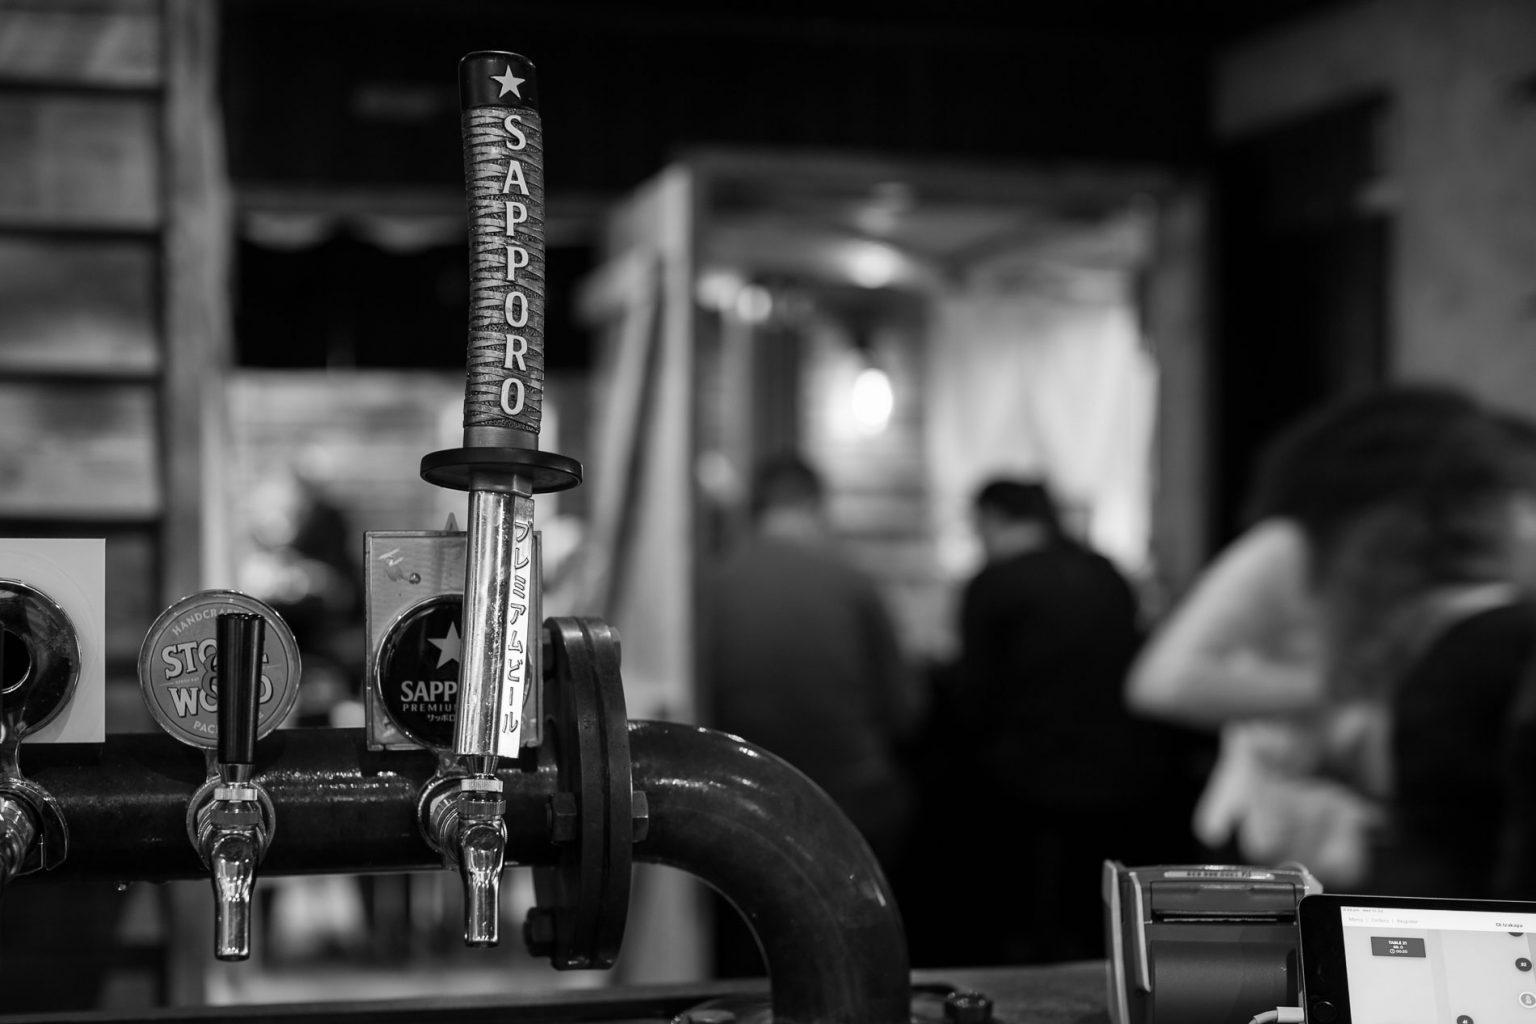 Japanese Beer on tap –Oi izakaya